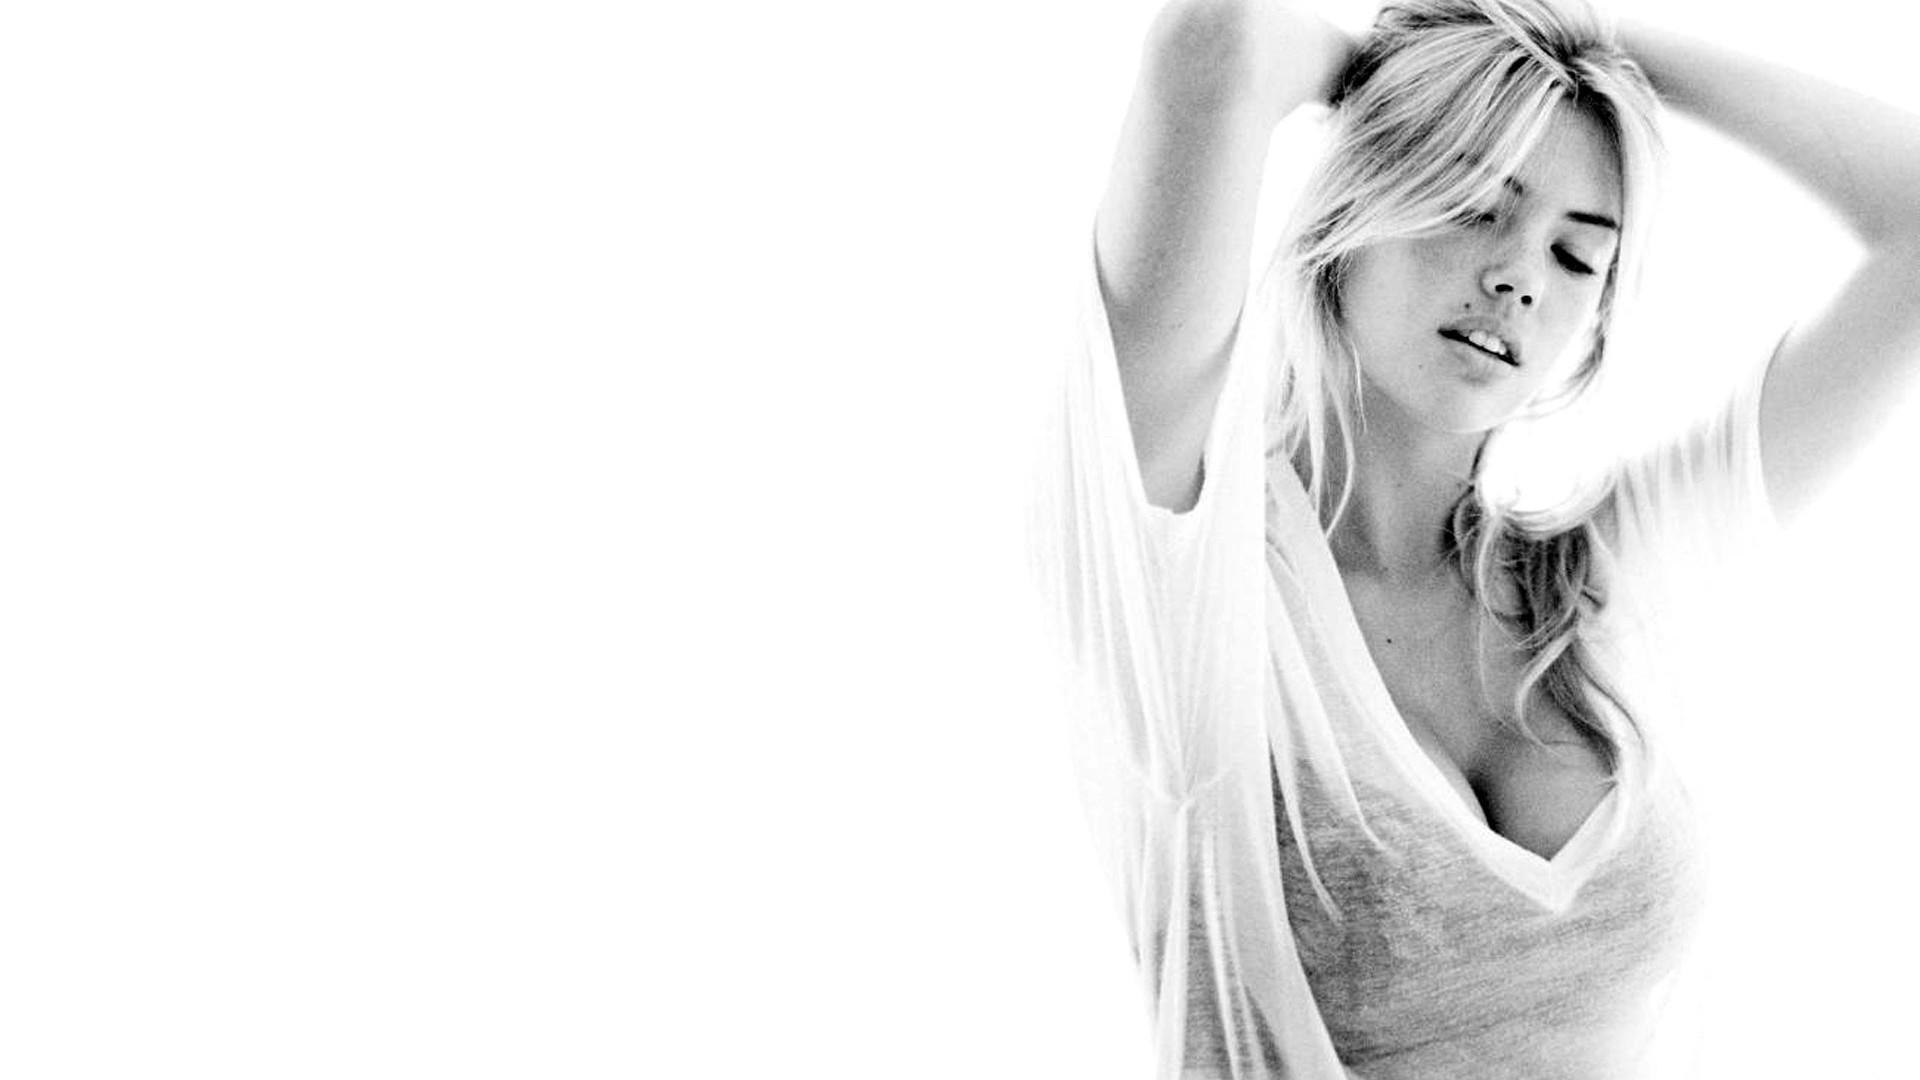 Kate Upton Background